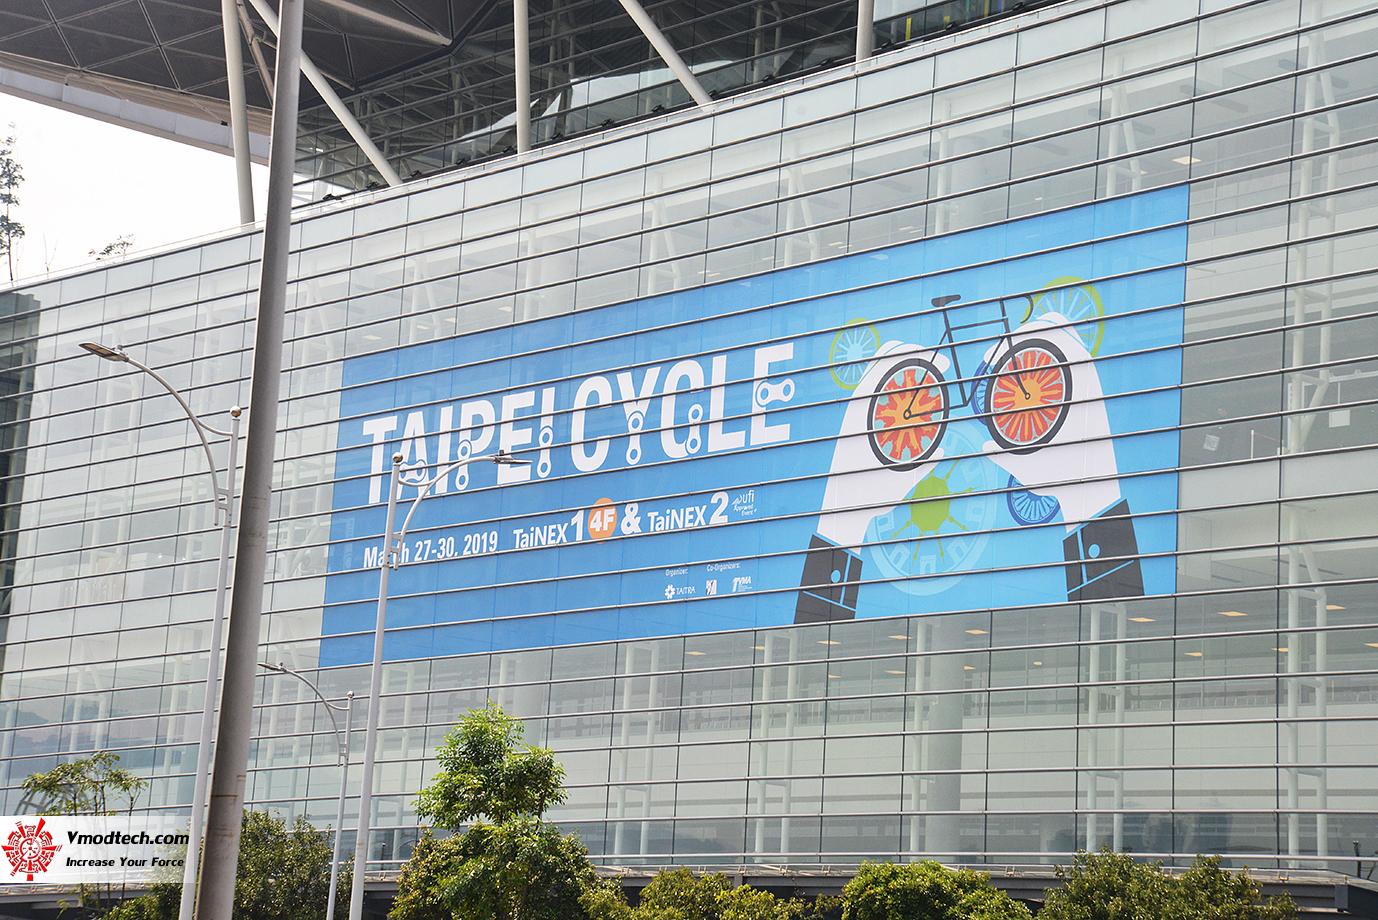 dsc 9145 เยี่ยมชมงาน TAIPEI CYCLE 2019 งานของคนรักจักรยาน ณ กรุงไทเป ประเทศไต้หวัน